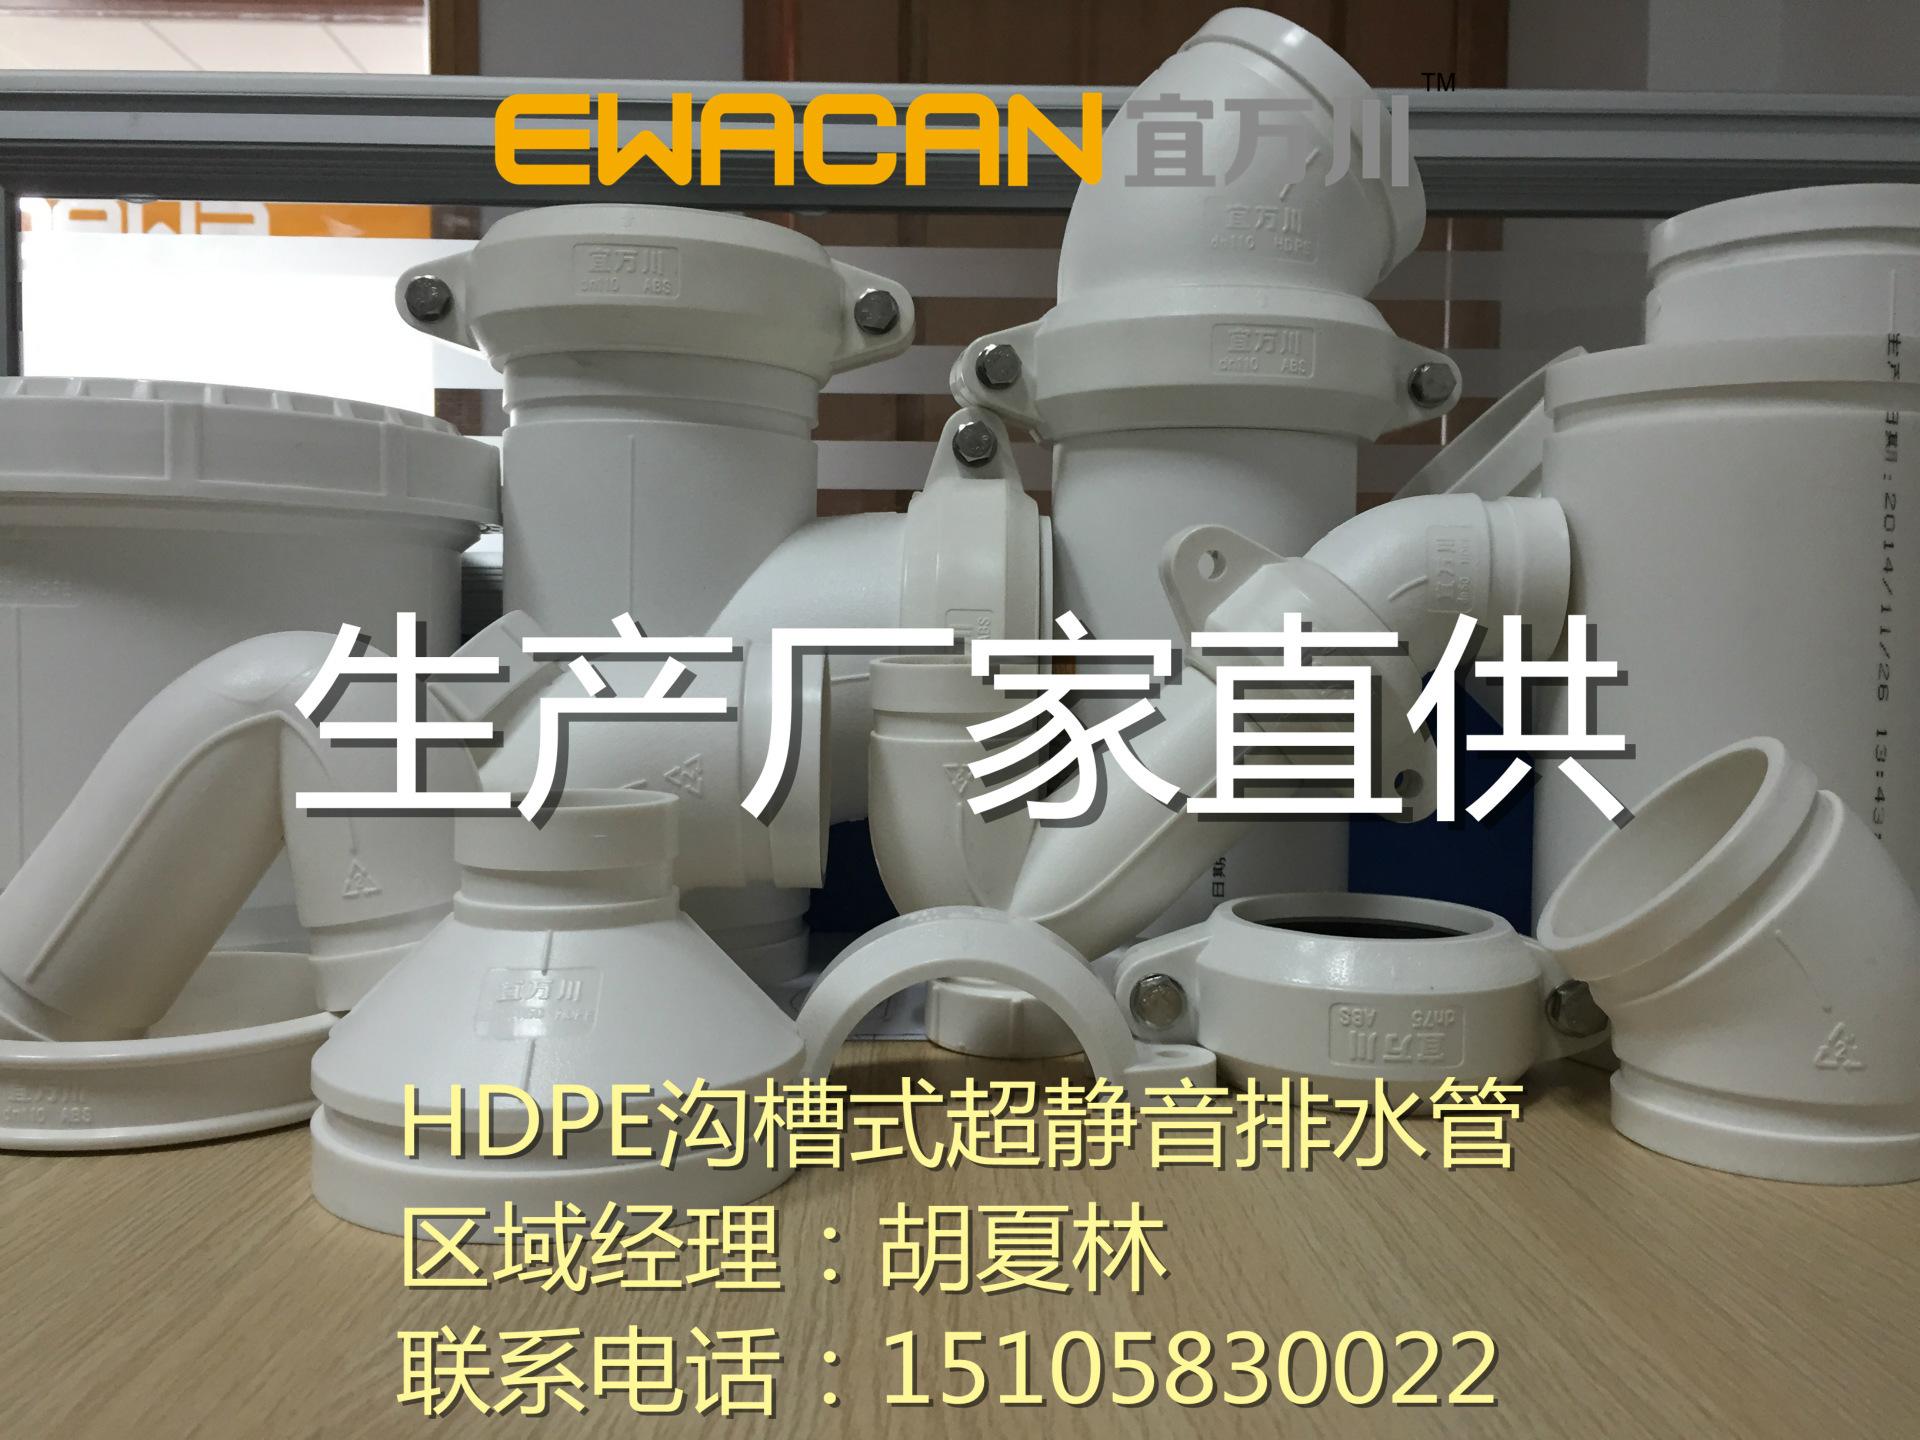 沟槽式HDPE超静音排水管,沟槽pe管,沟槽中空排水管,PE管示例图4